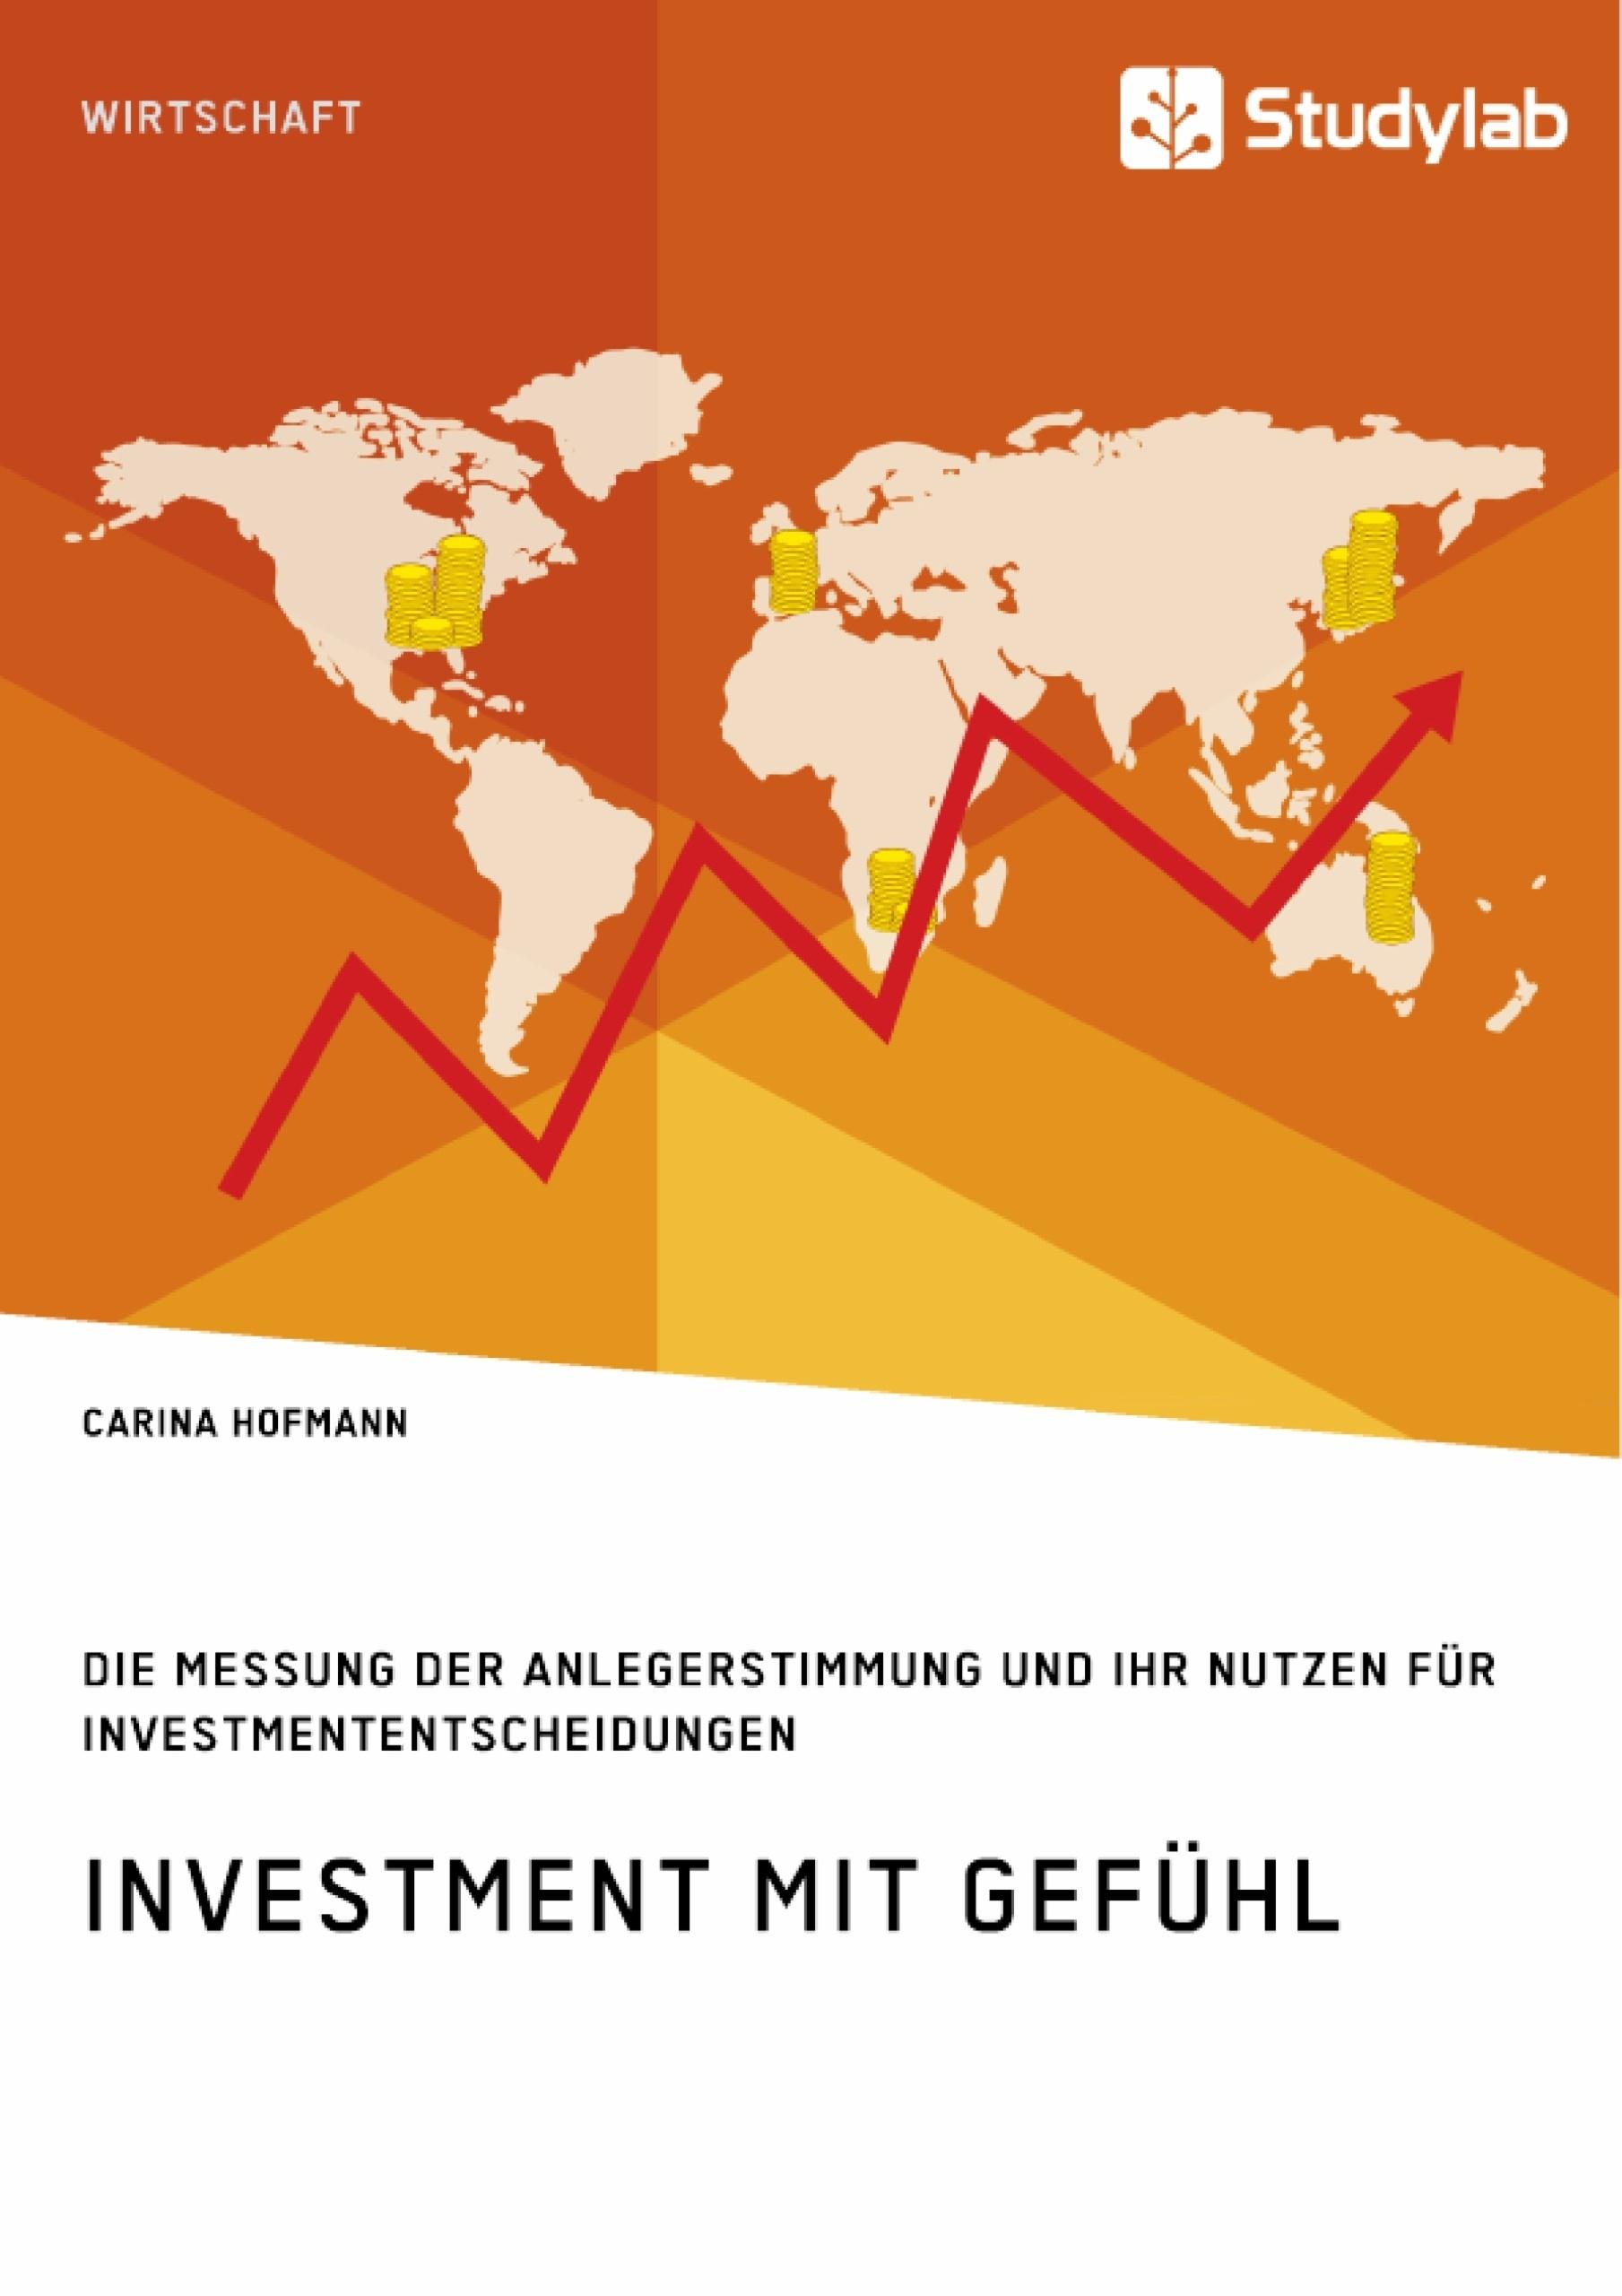 Titel: Investment mit Gefühl. Die Messung der Anlegerstimmung und ihr Nutzen für Investmententscheidungen